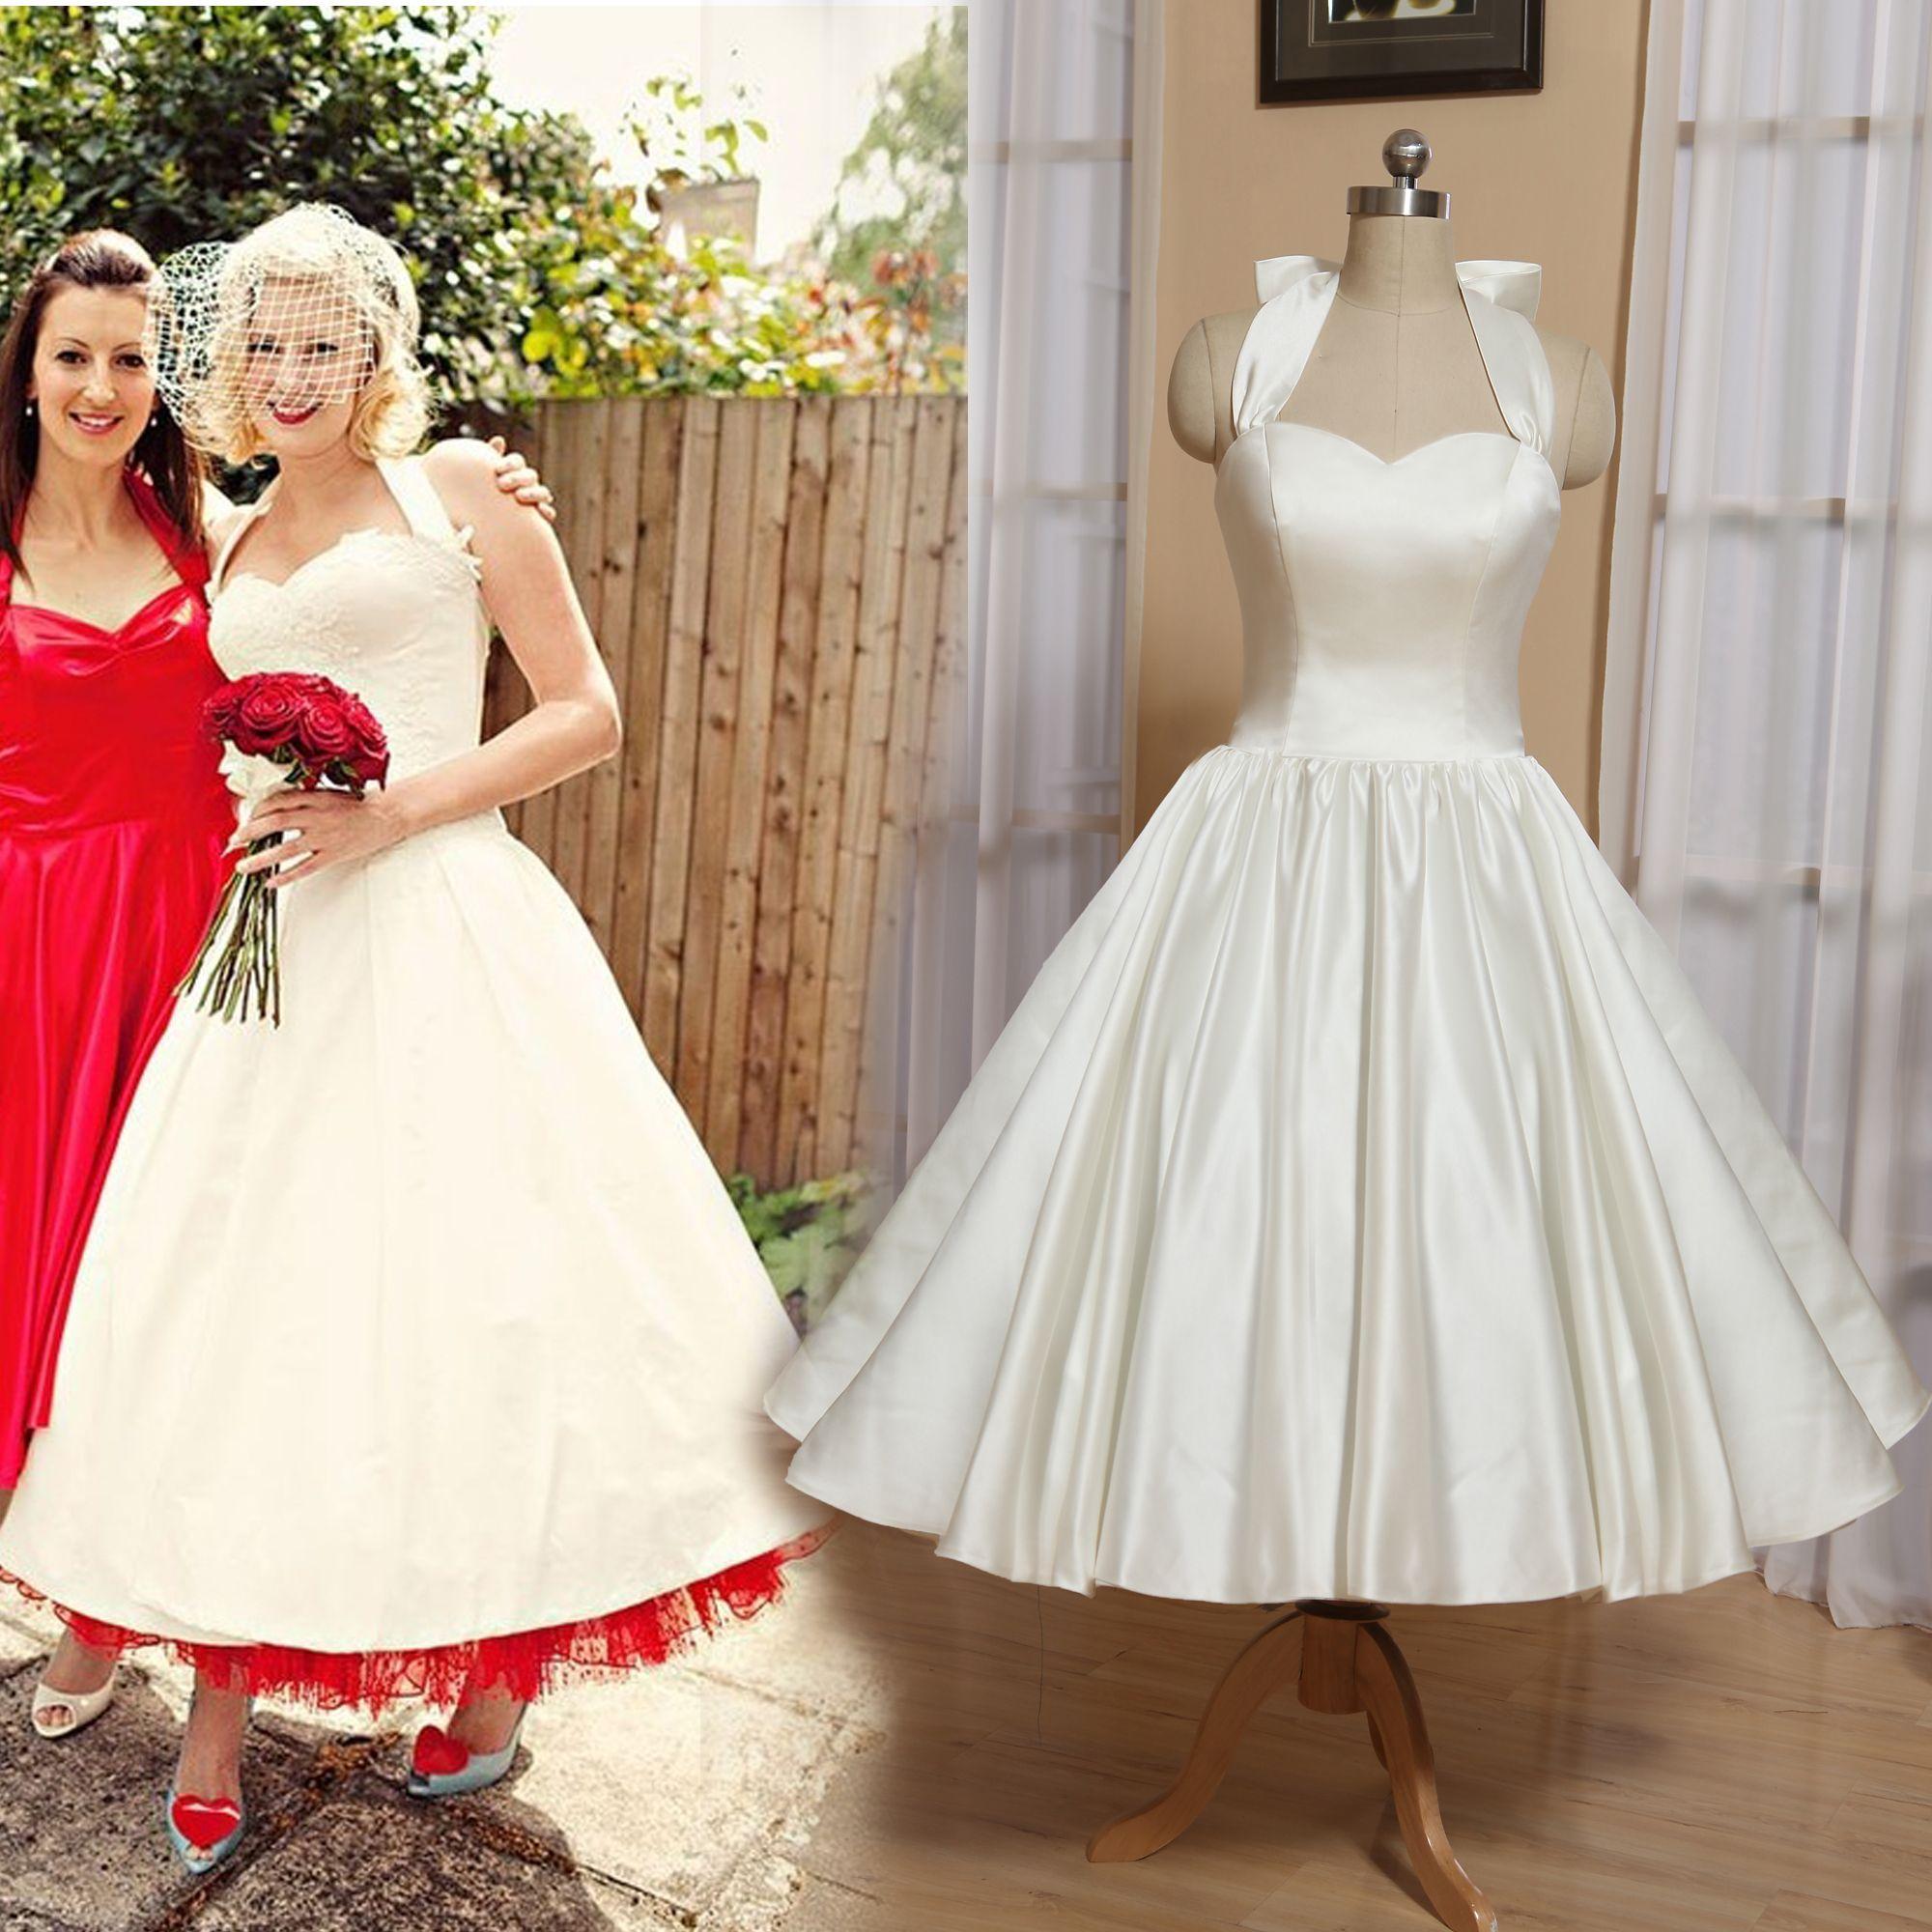 Grosshandel Kurze Brautkleider 50er Jahre Hochzeitskleid Garten Tee